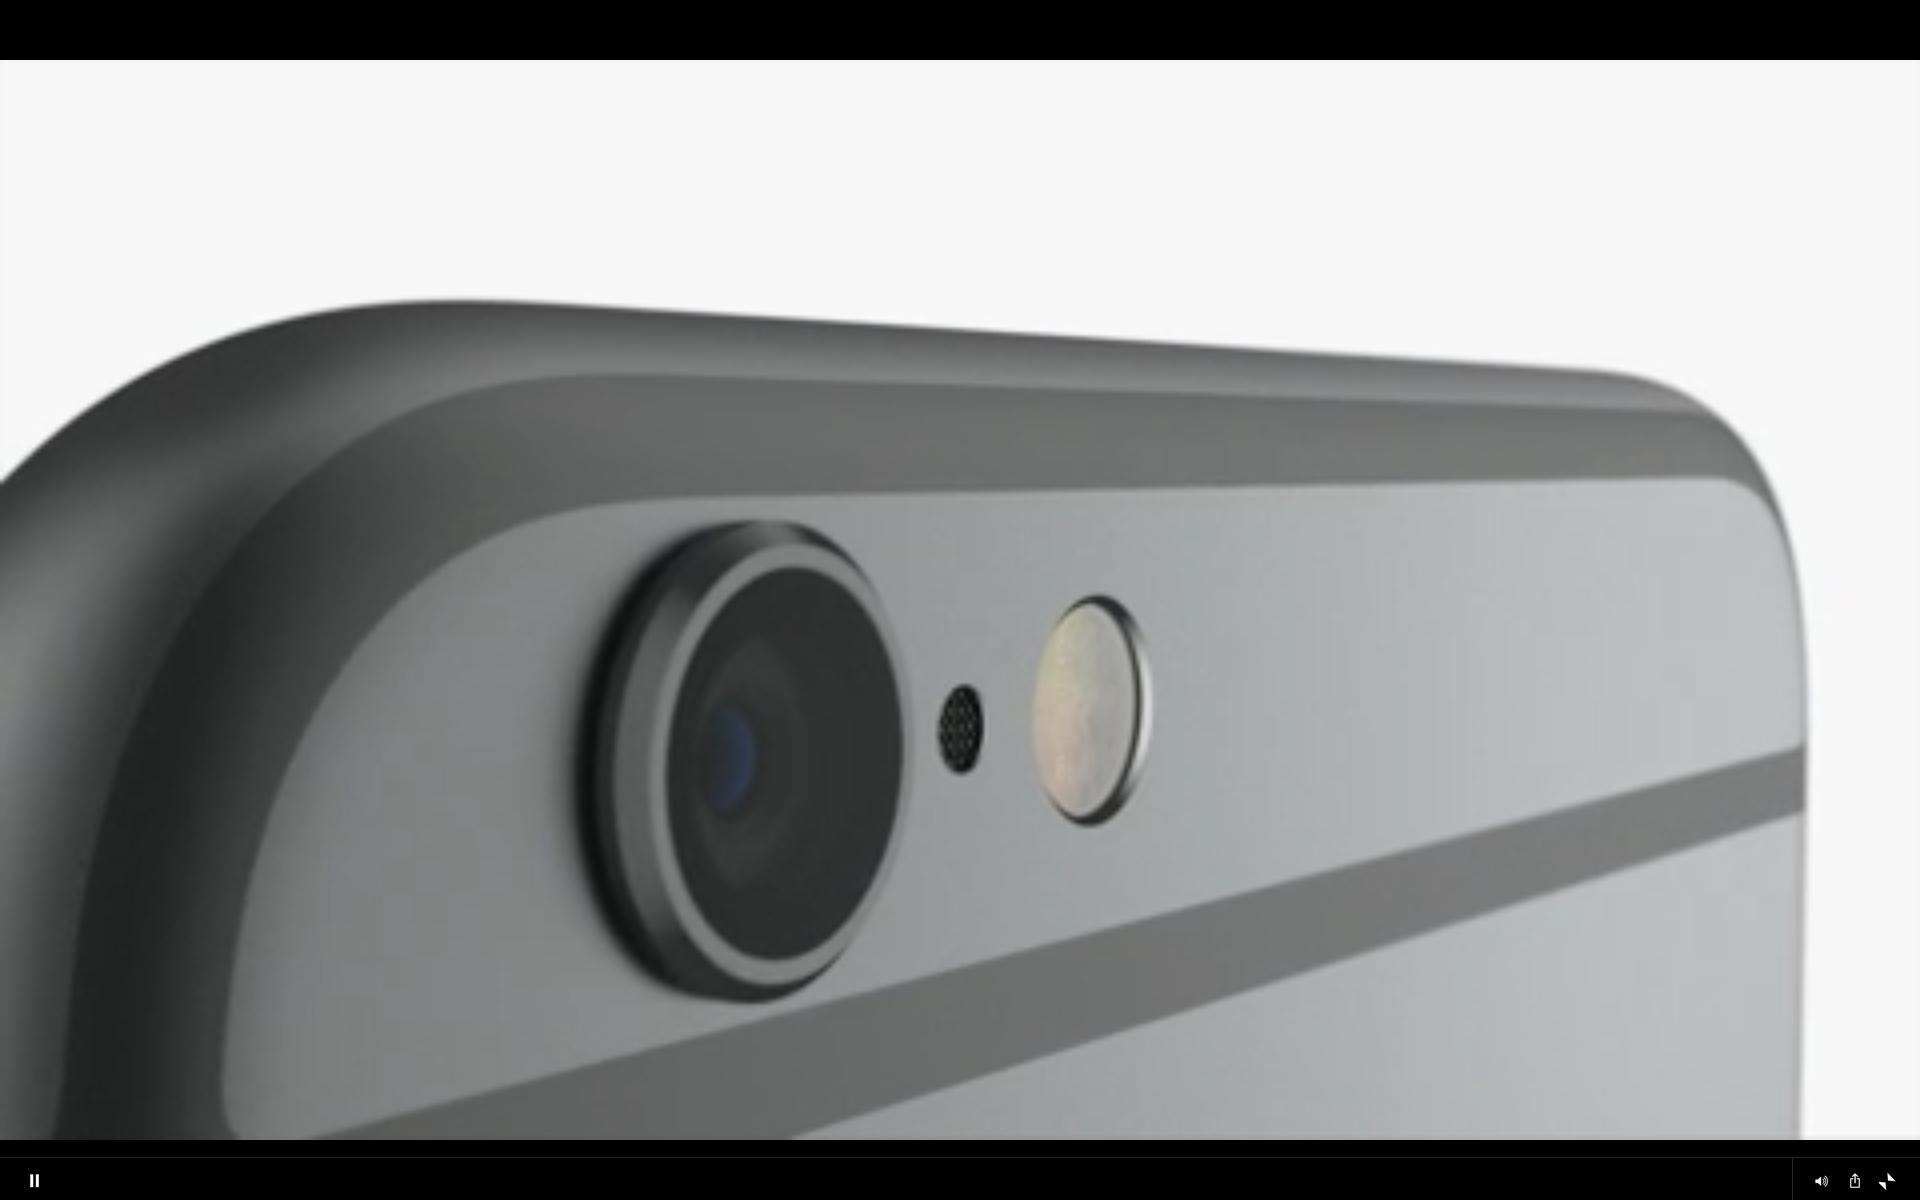 Kameraobjektivet stikker litt ut fra baksiden.